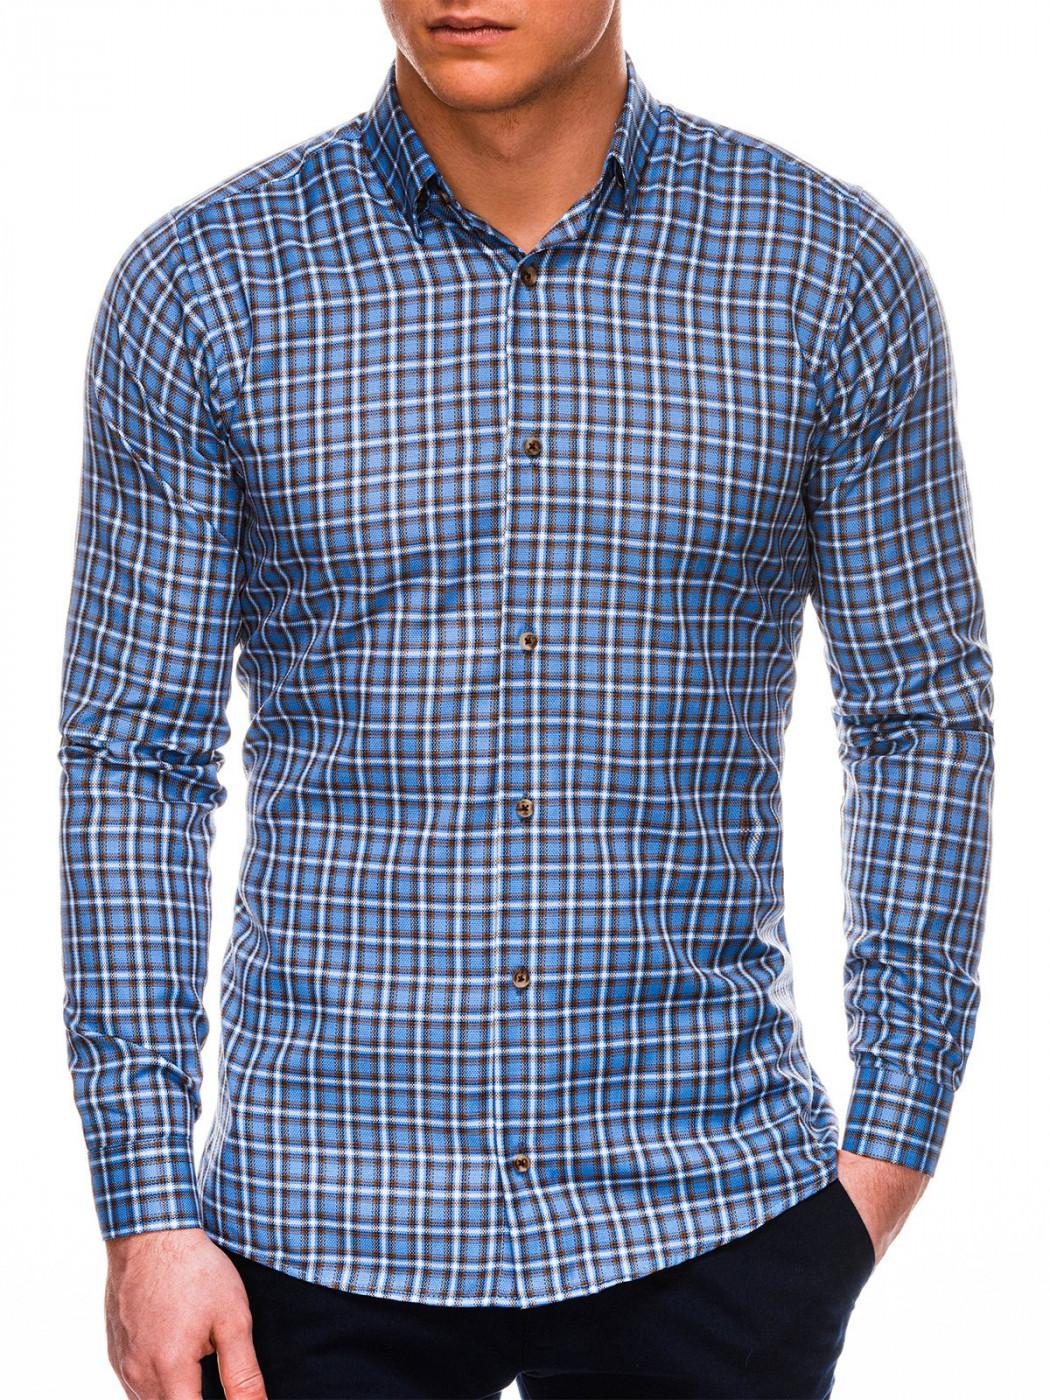 Men's Shirt Ombre Checked